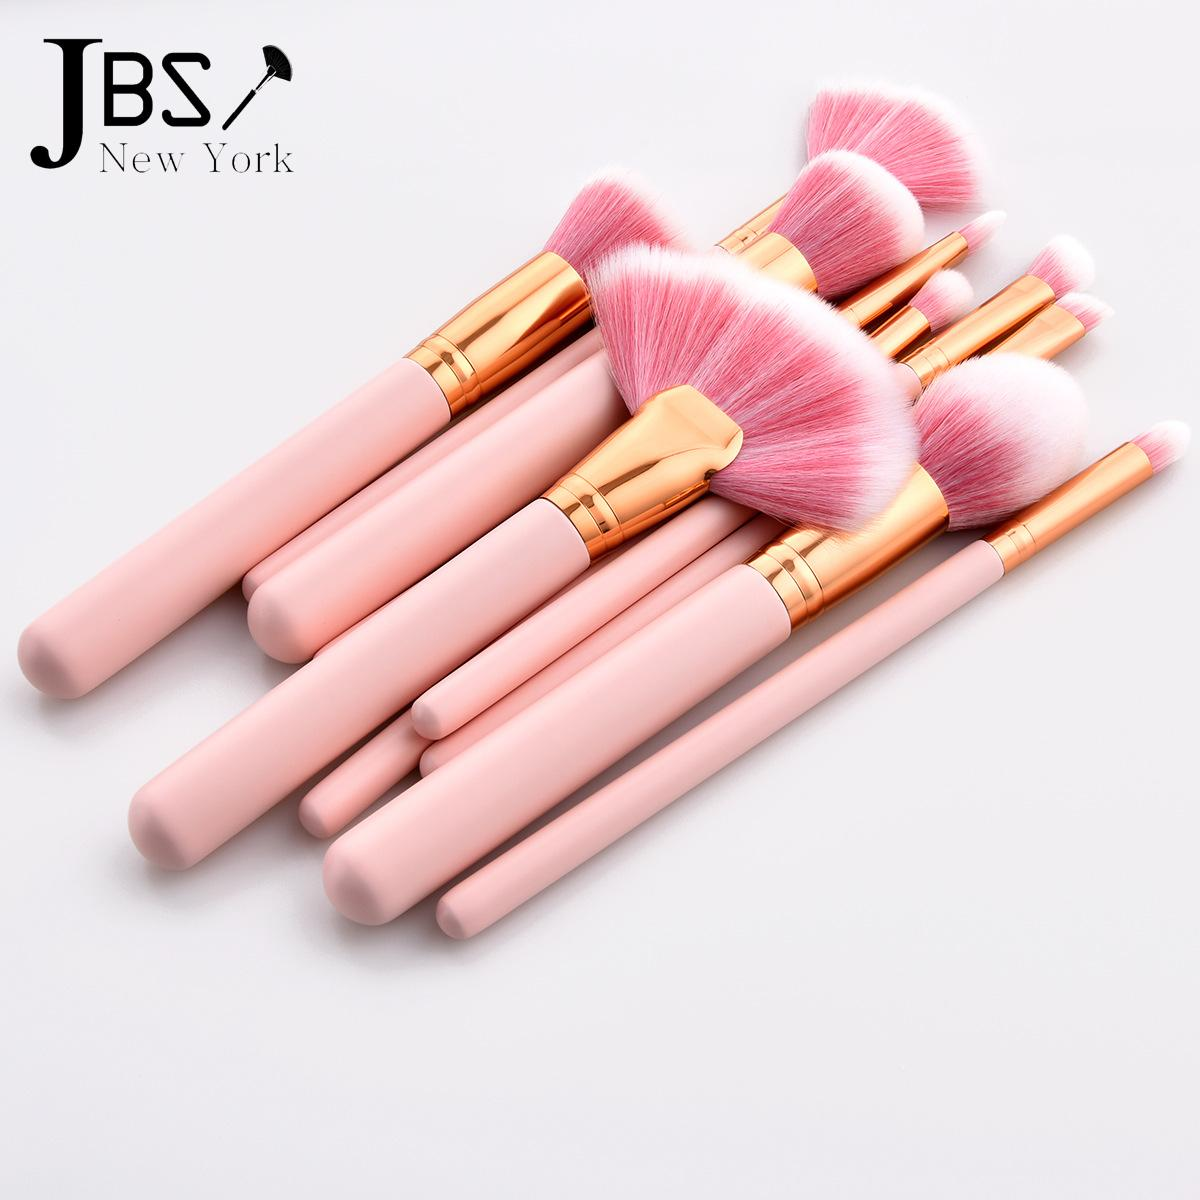 Kelebihan Jbs New York Makeup Brush 10pcs Tools Set Fan Kuas Mermaid K 037 038 Detail Gambar 058 Terbaru